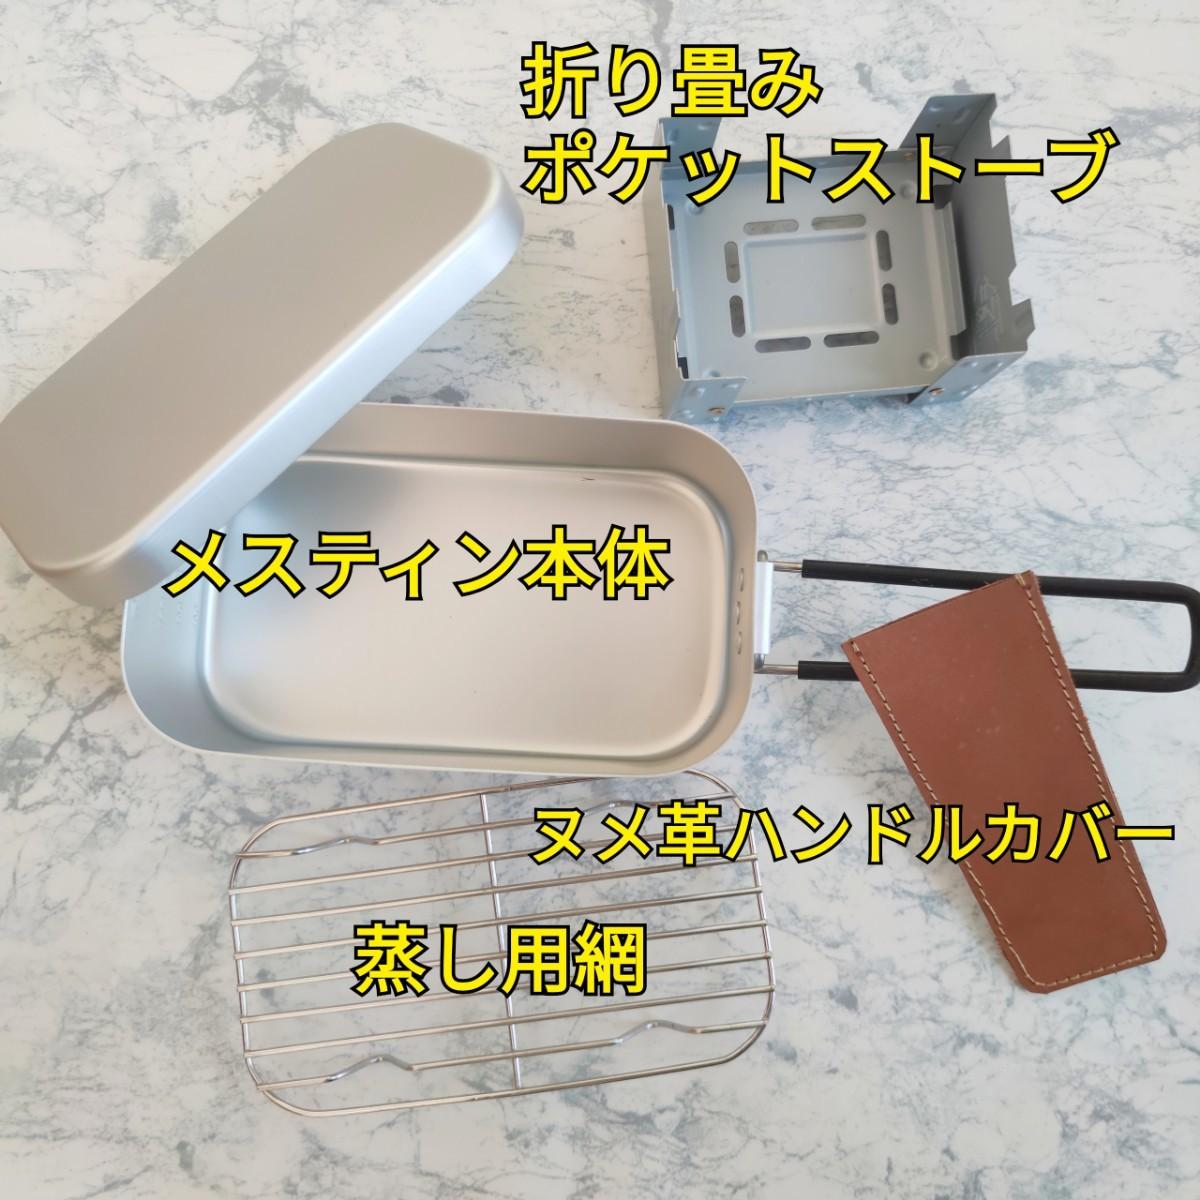 メスティン 新品未使用 4点セット 本革ヌメ革ナチュラルカバー ケース 蒸し調理網 ポケットストーブ